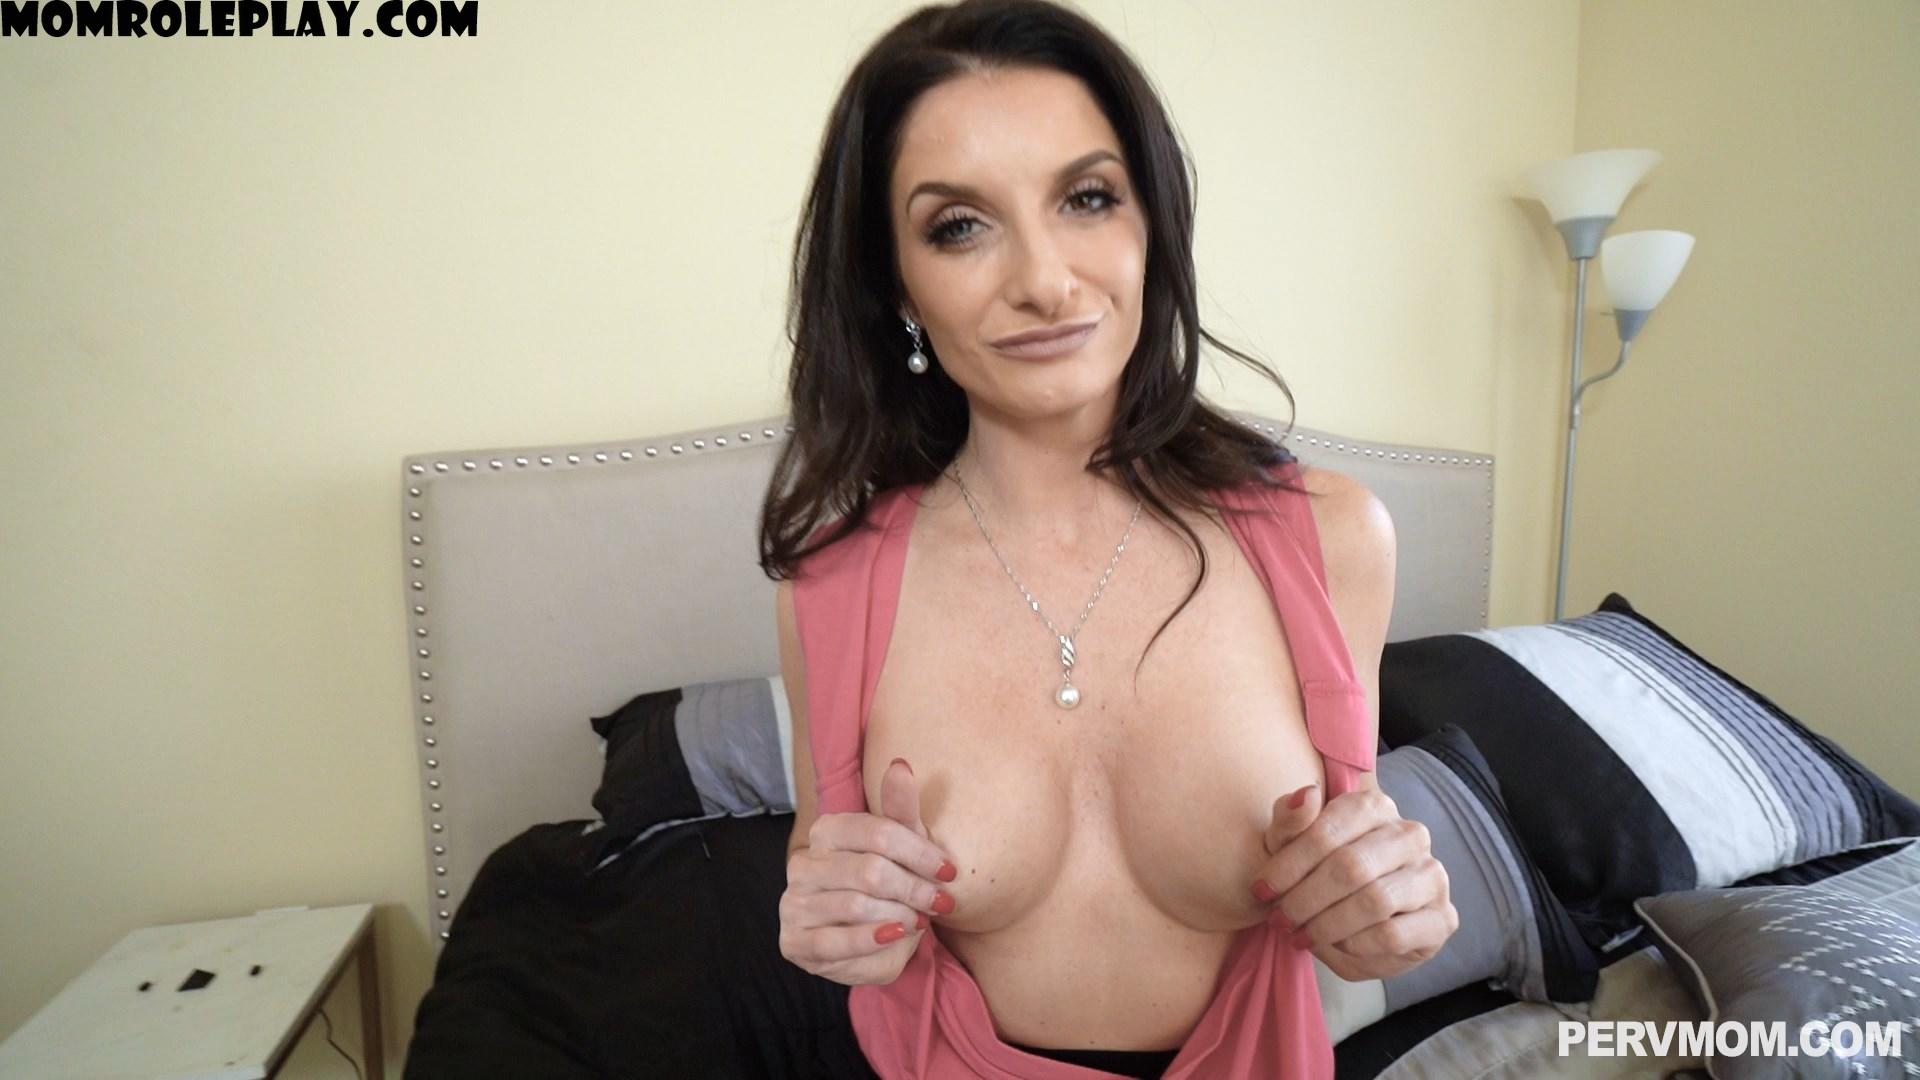 Perv Mom - Nipple Manipulator 1080p - Silvia Saige